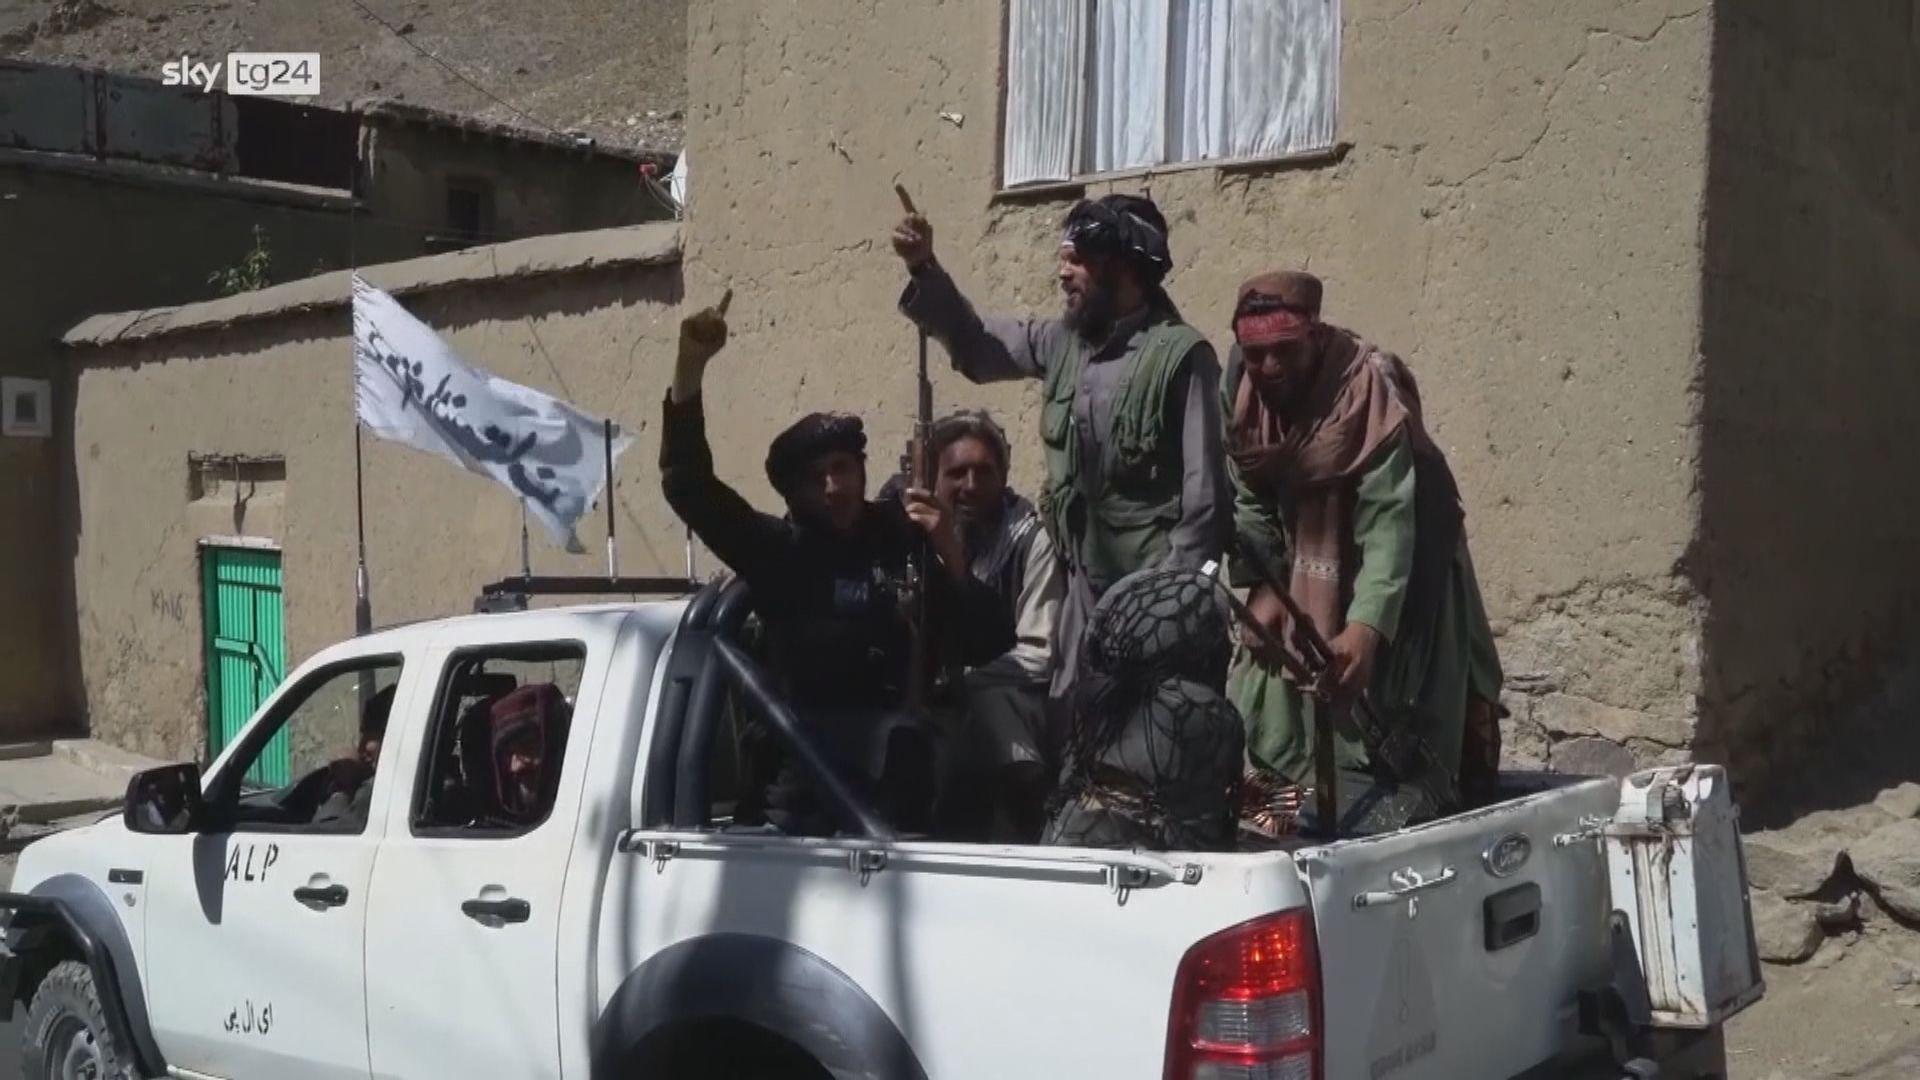 國家預算款項未到手 據報塔利班要求政府僱員不要索取